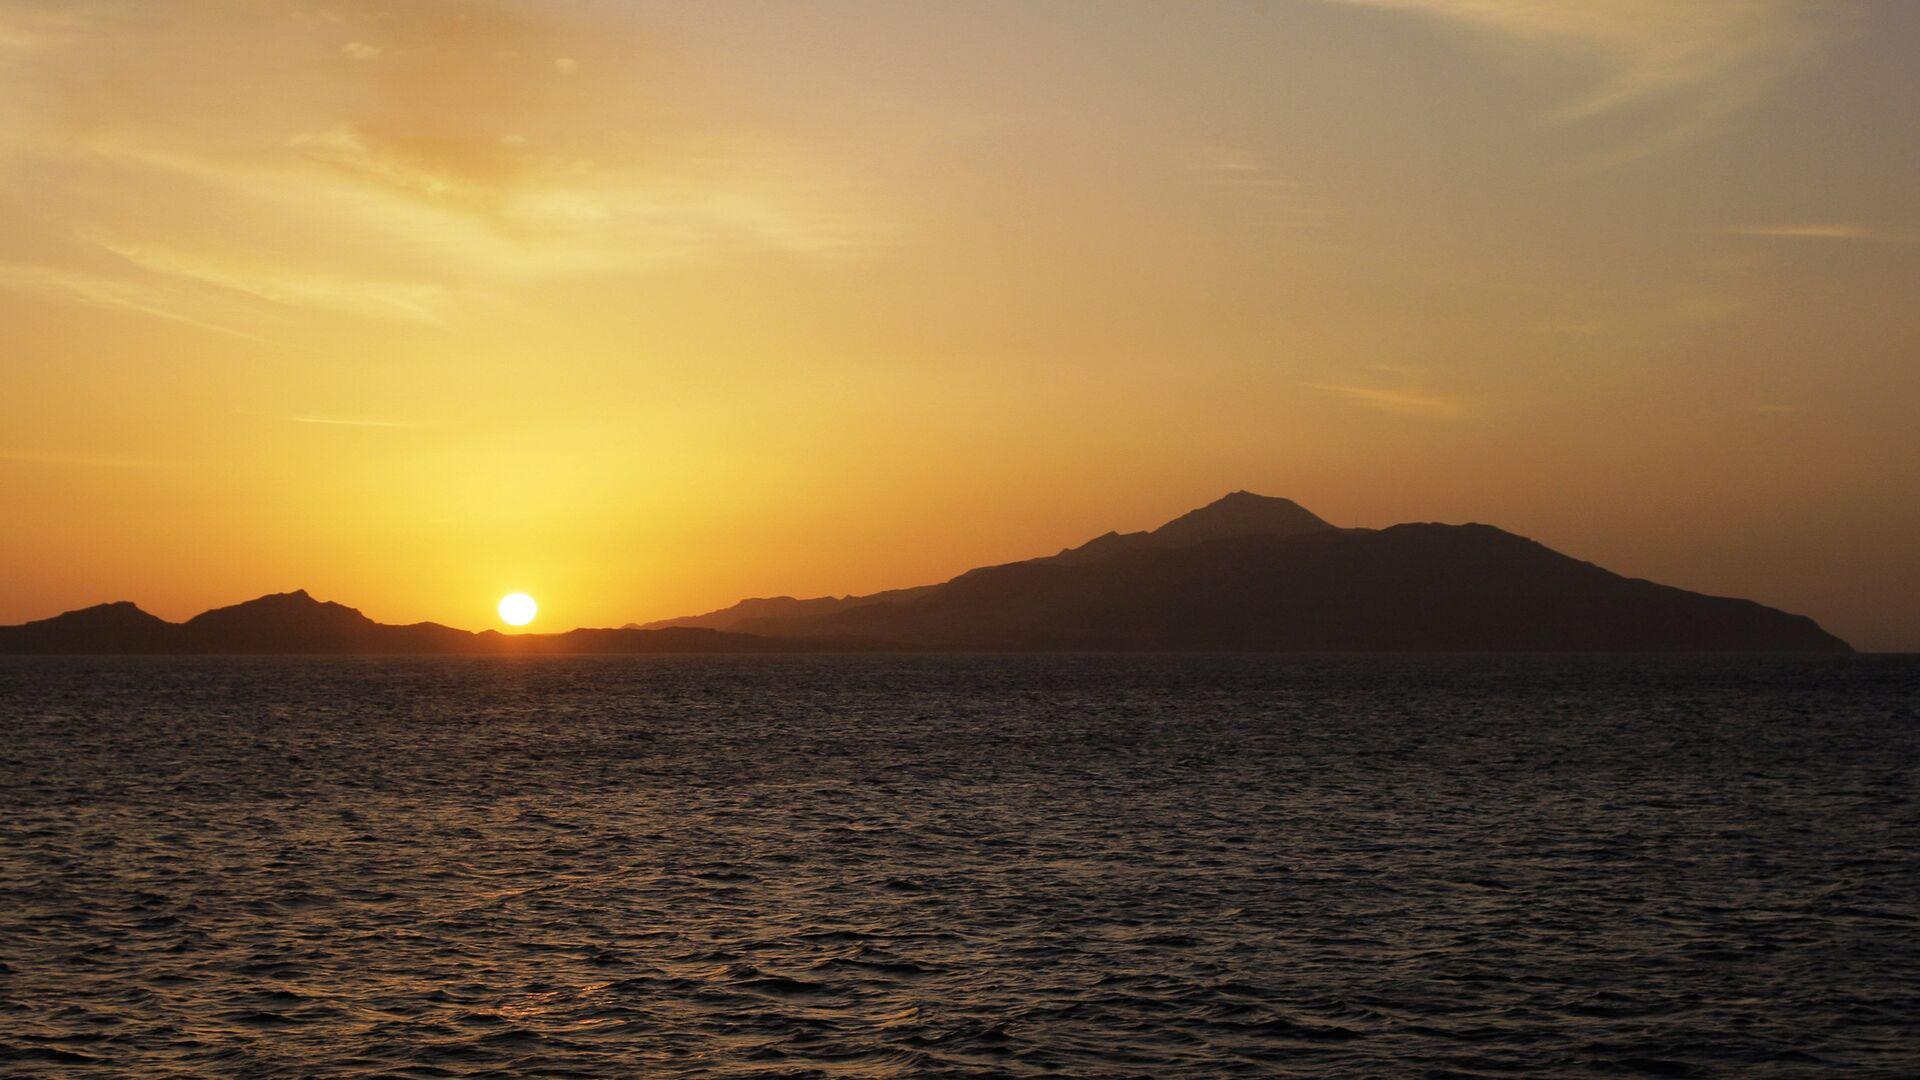 Восход солнца на острове Тиран в Красном море - РИА Новости, 1920, 05.03.2021